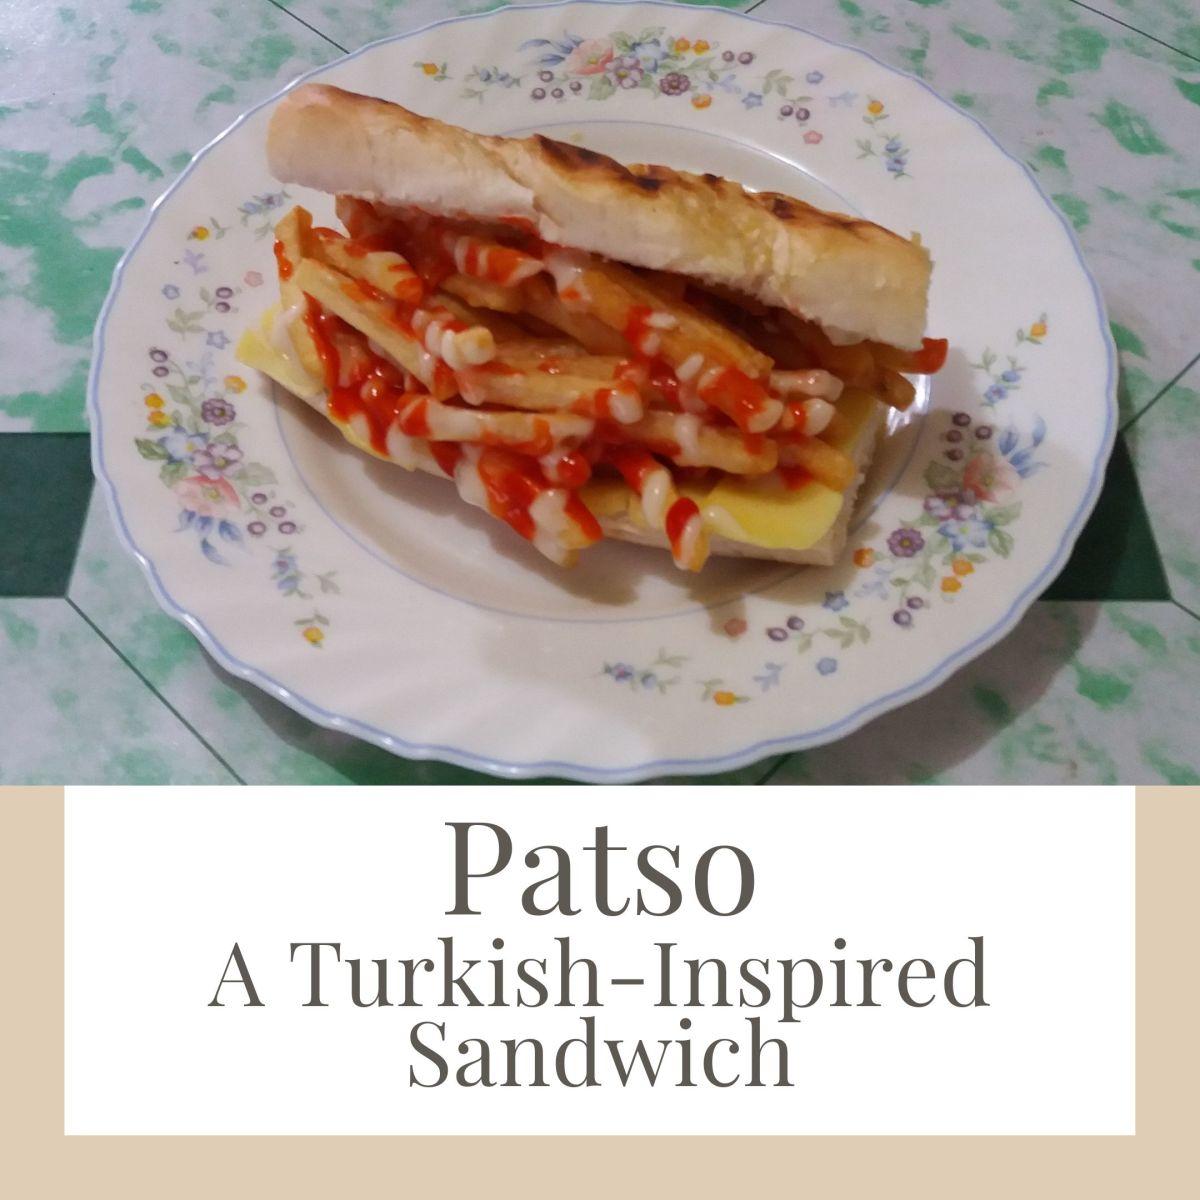 Patso: A Turkish-Inspired Sandwich